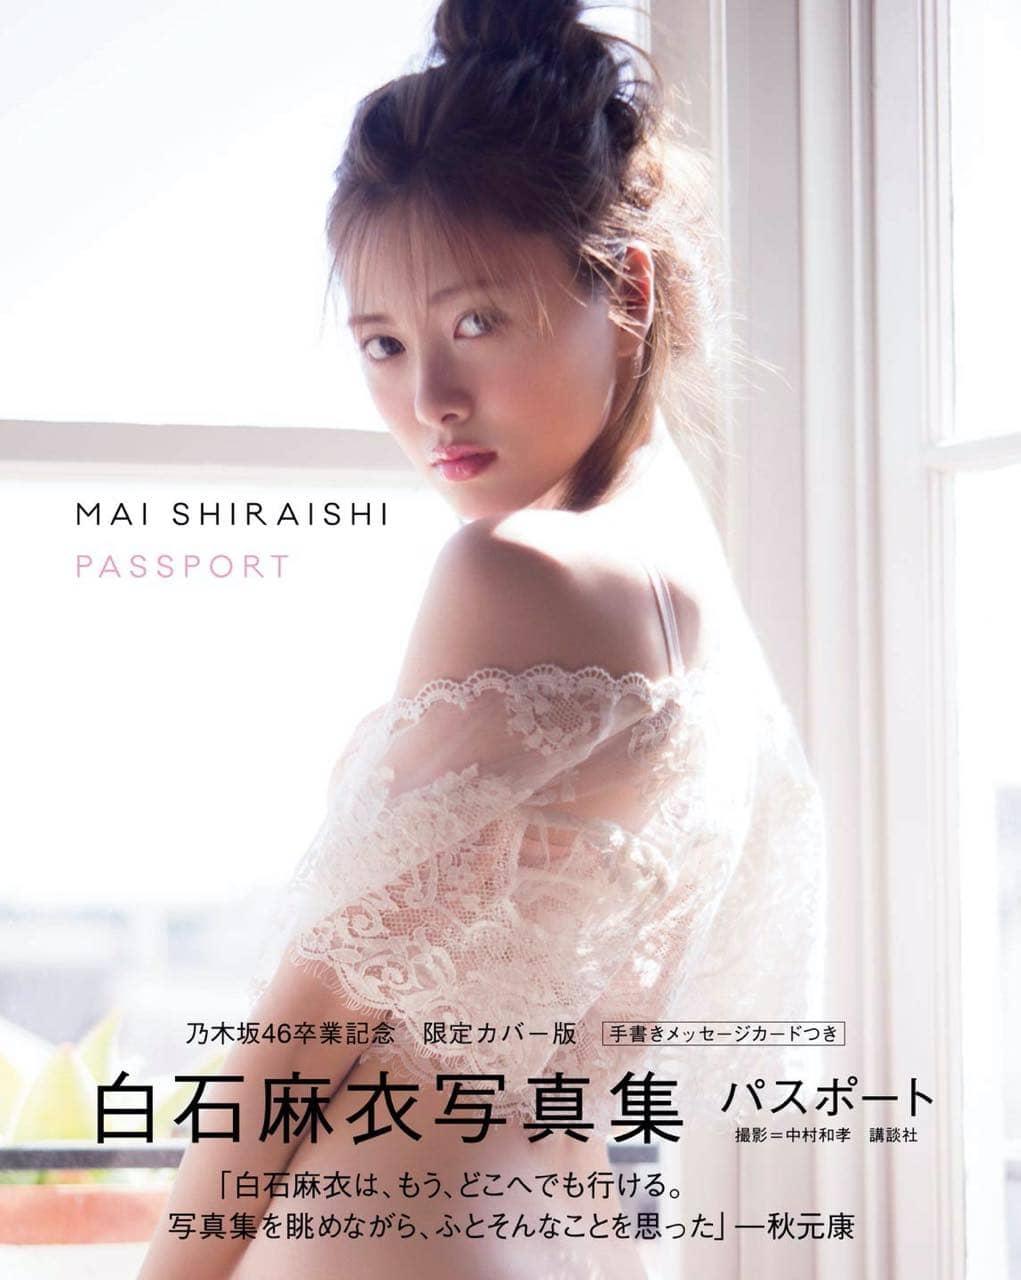 白石麻衣写真集「パスポート」乃木坂46卒業記念 限定カバー版